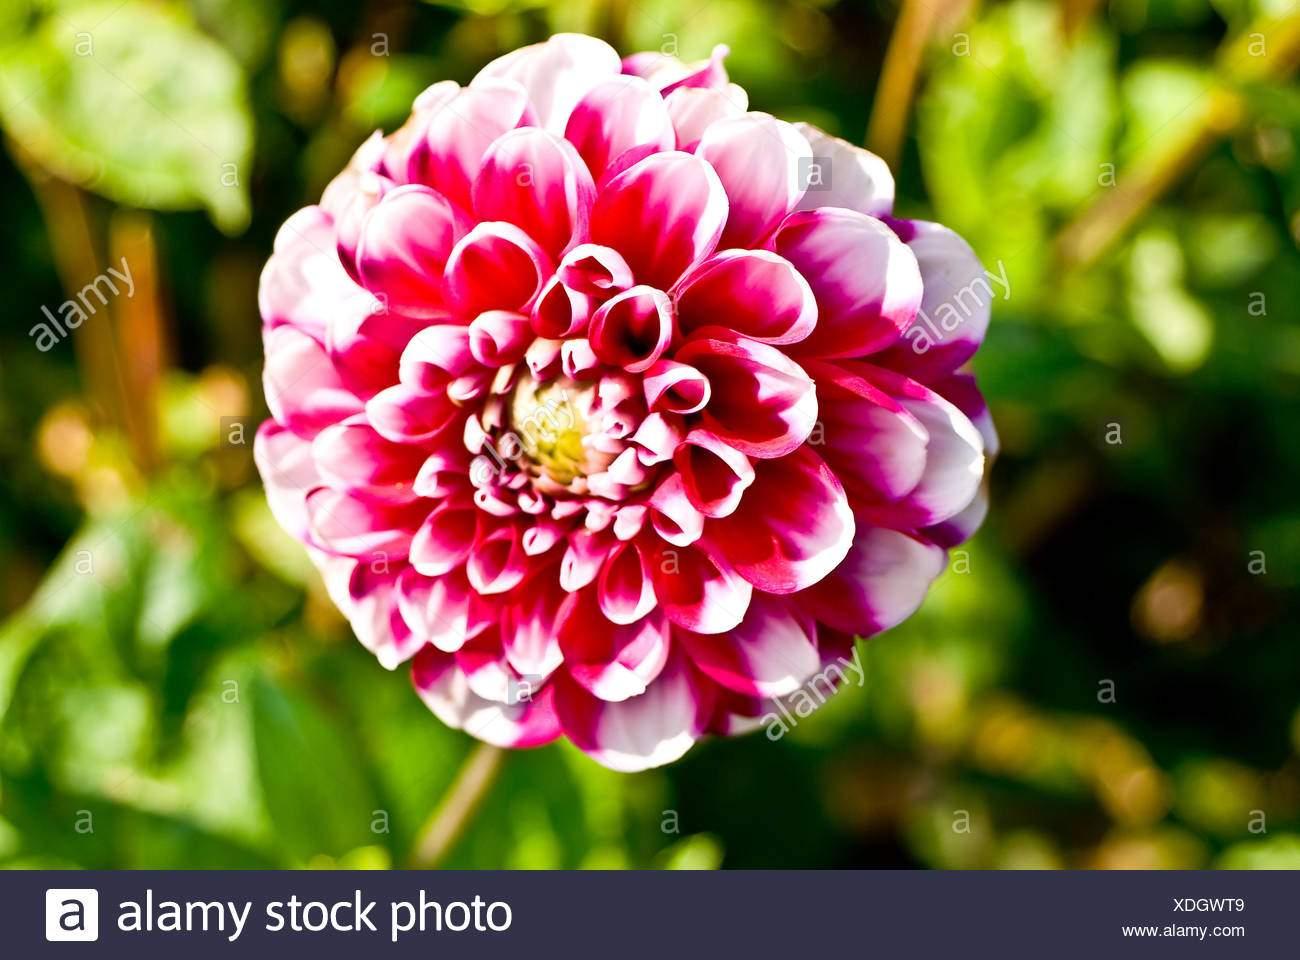 garten blume pflanze flora dahlie lila rosa schone garten beauteously schon xdgwt9